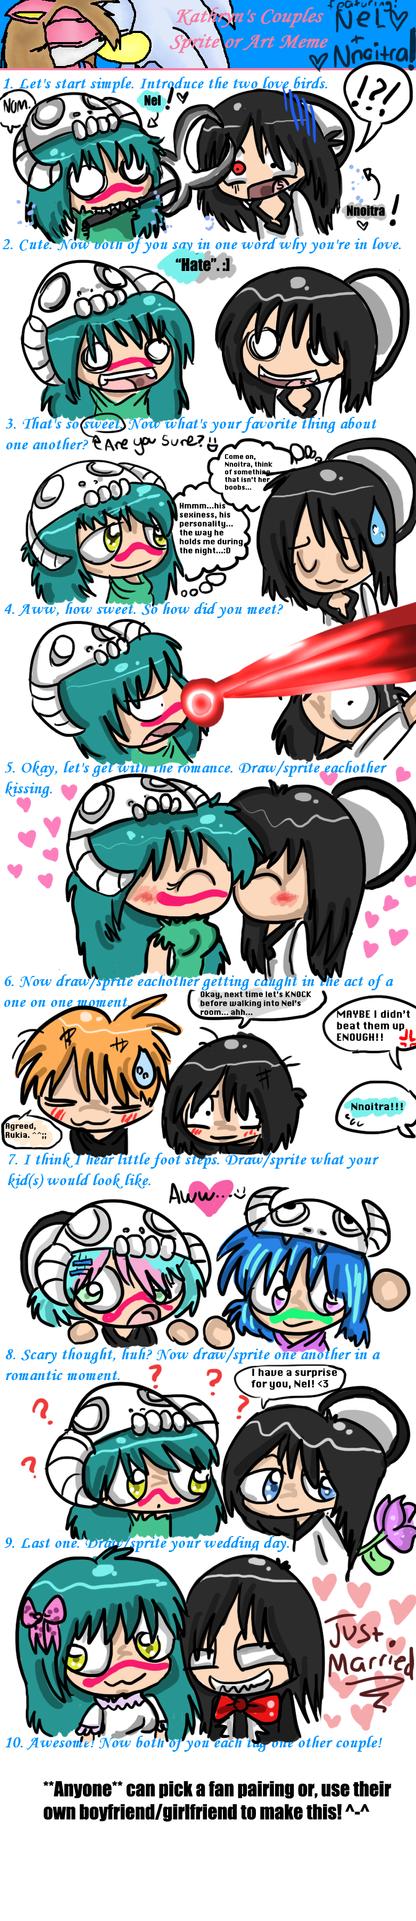 Bleach: Nel X Nnoitra Romance Meme by Violent-Rainbow